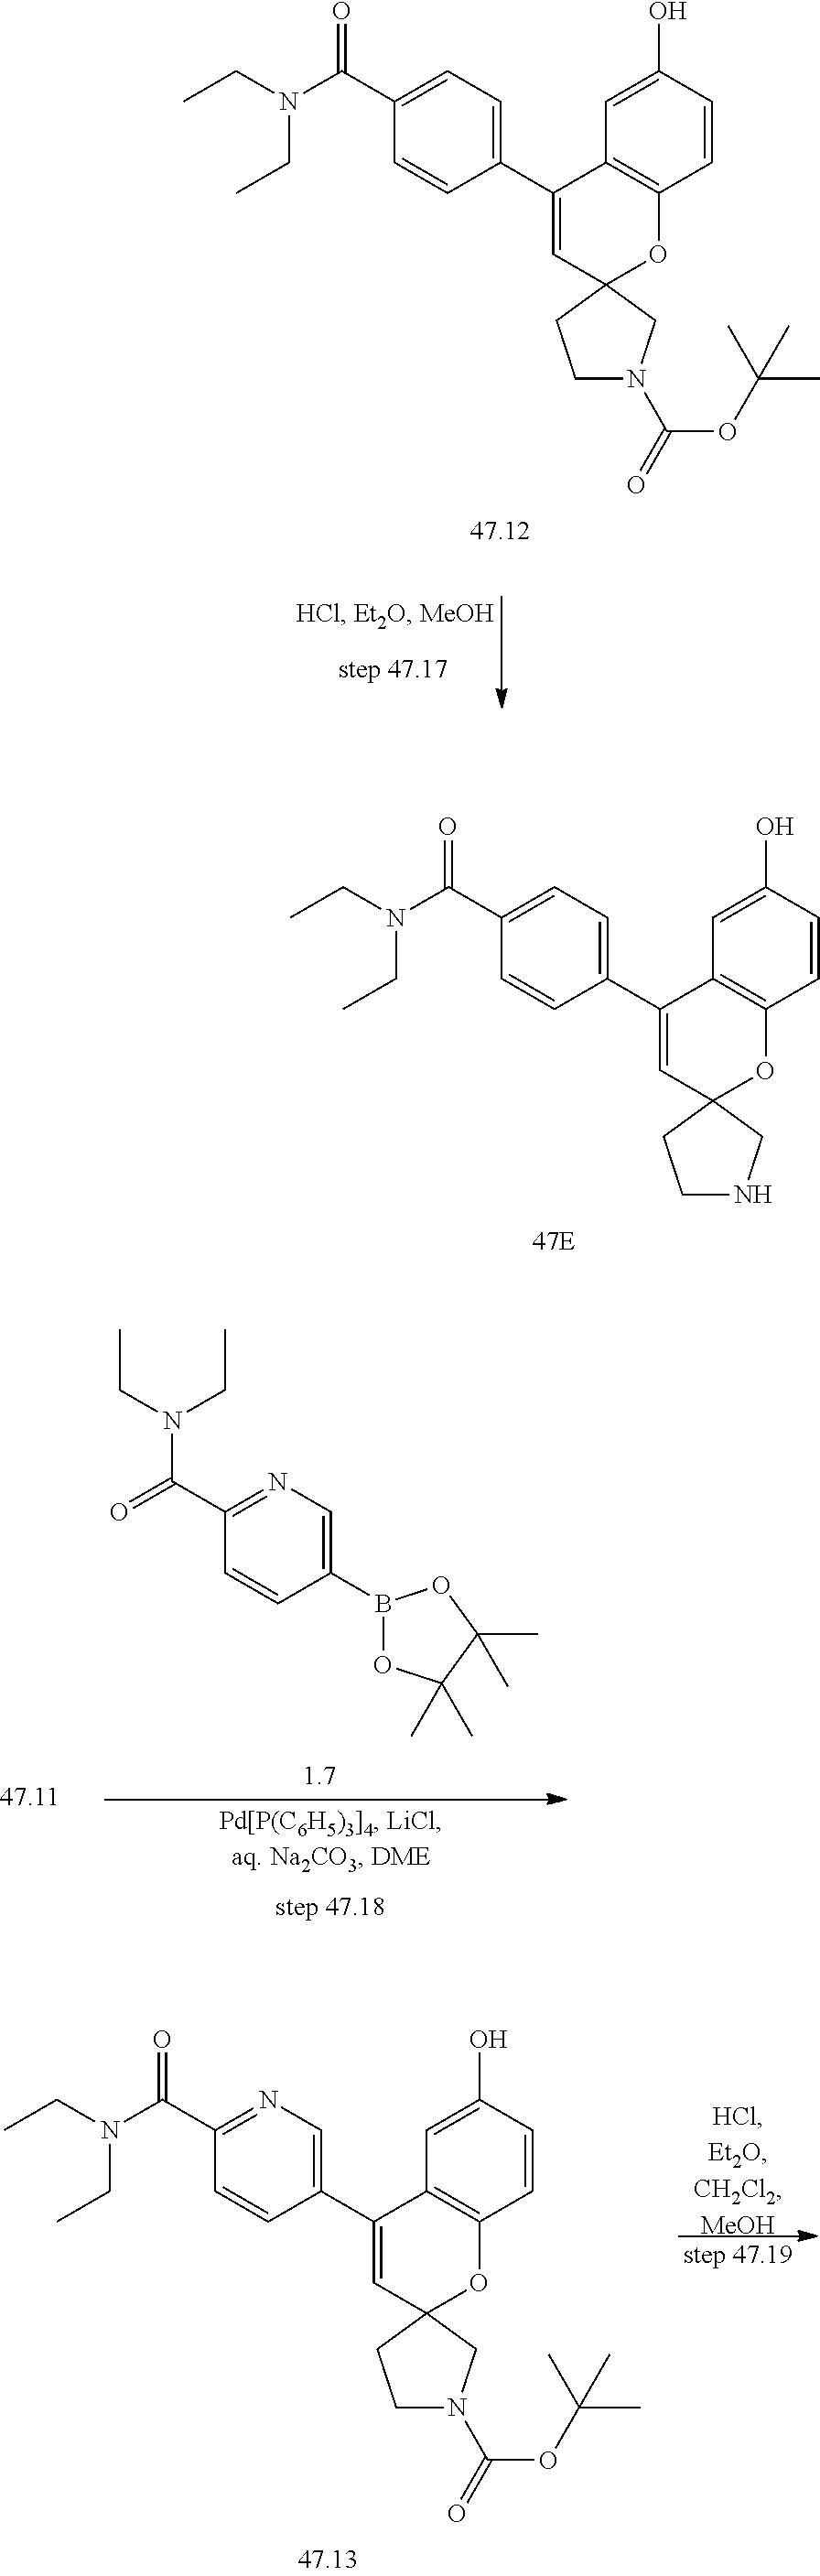 Figure US20100029614A1-20100204-C00232